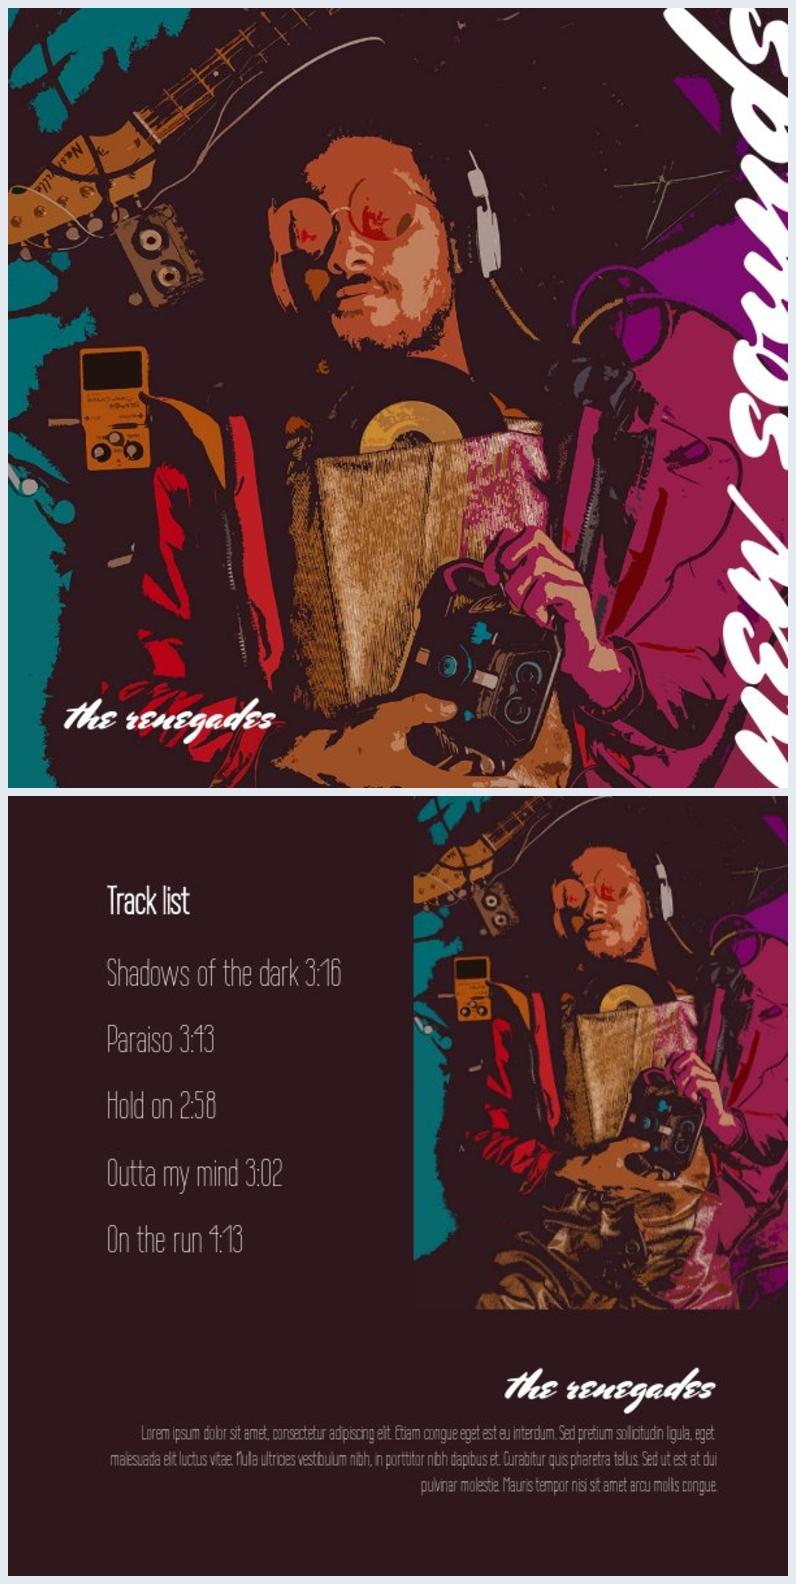 Artistic Album Cover Layout Design